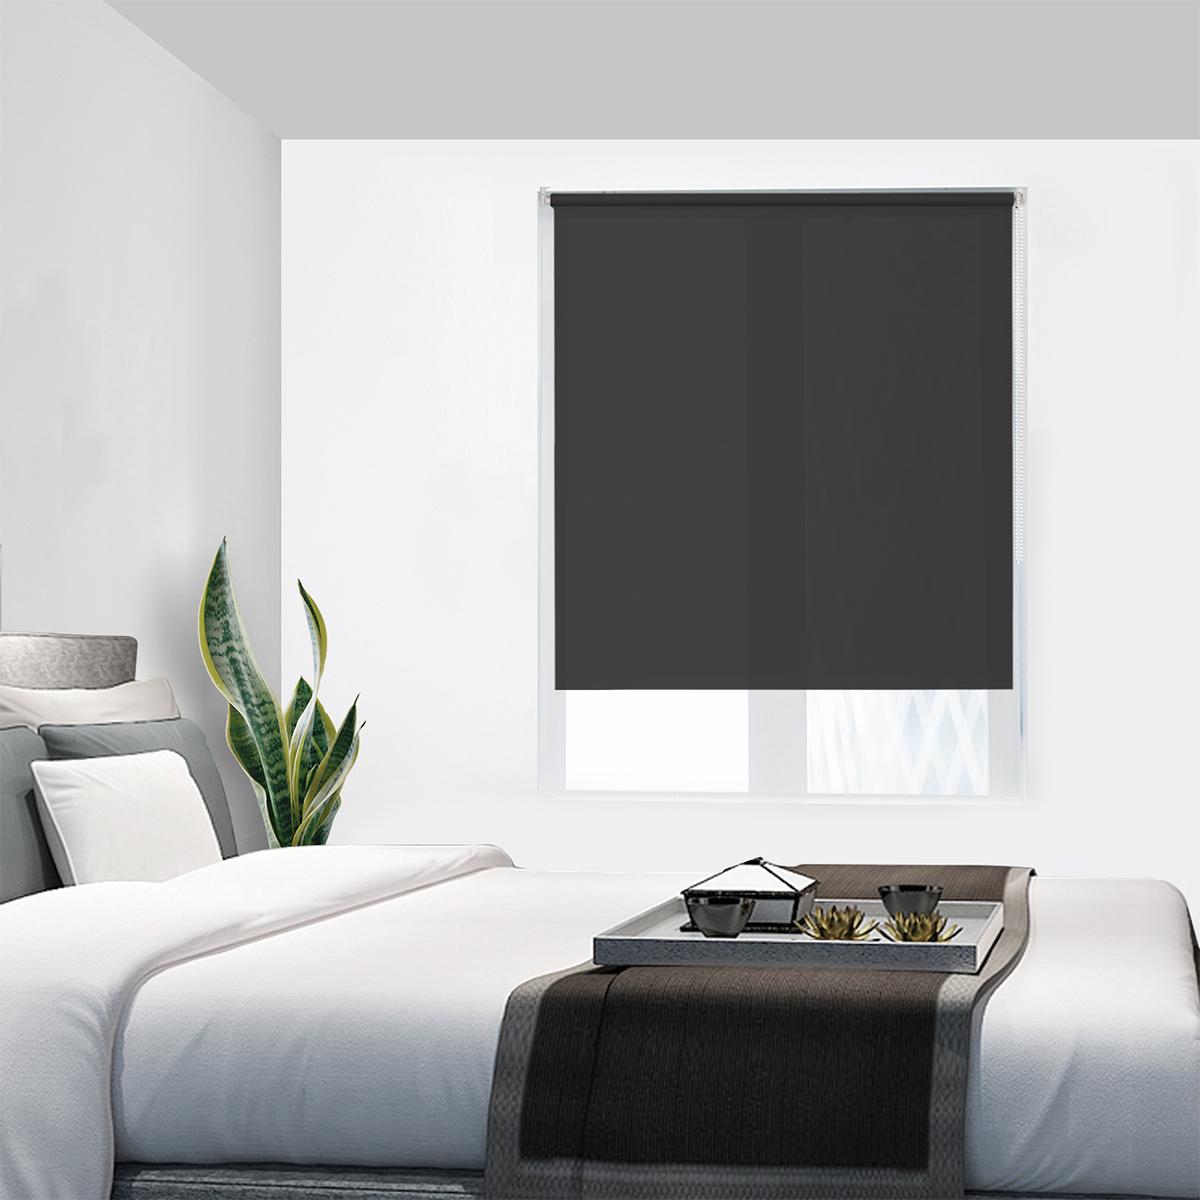 tageslichtrollo verdunkelungsrollo klemmfix ohne bohren seitenzug fenster rollos ebay. Black Bedroom Furniture Sets. Home Design Ideas